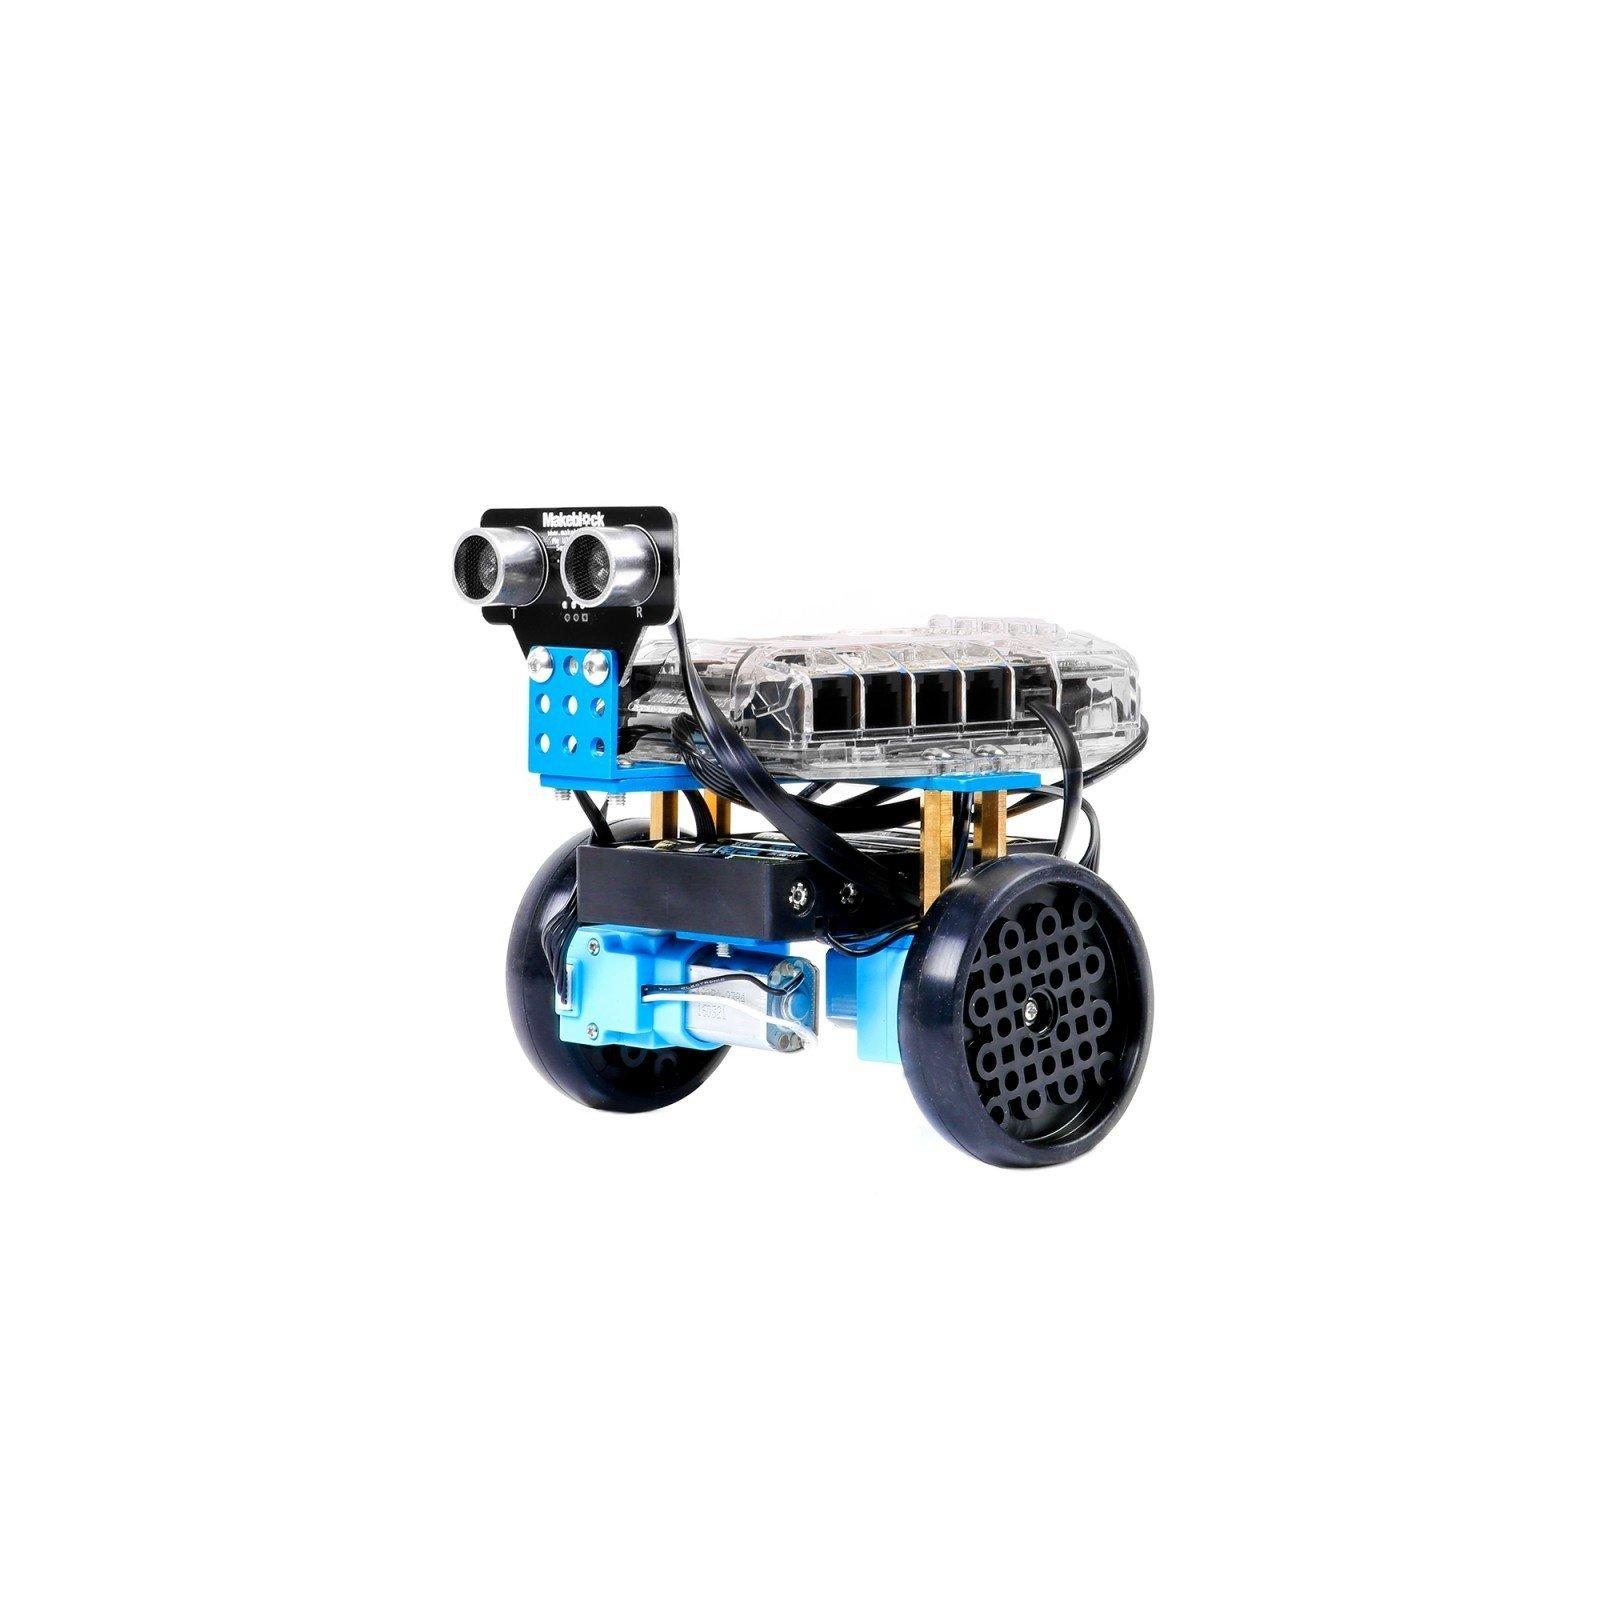 Робот Makeblock mBot Ranger BT (09.00.92) изображение 5